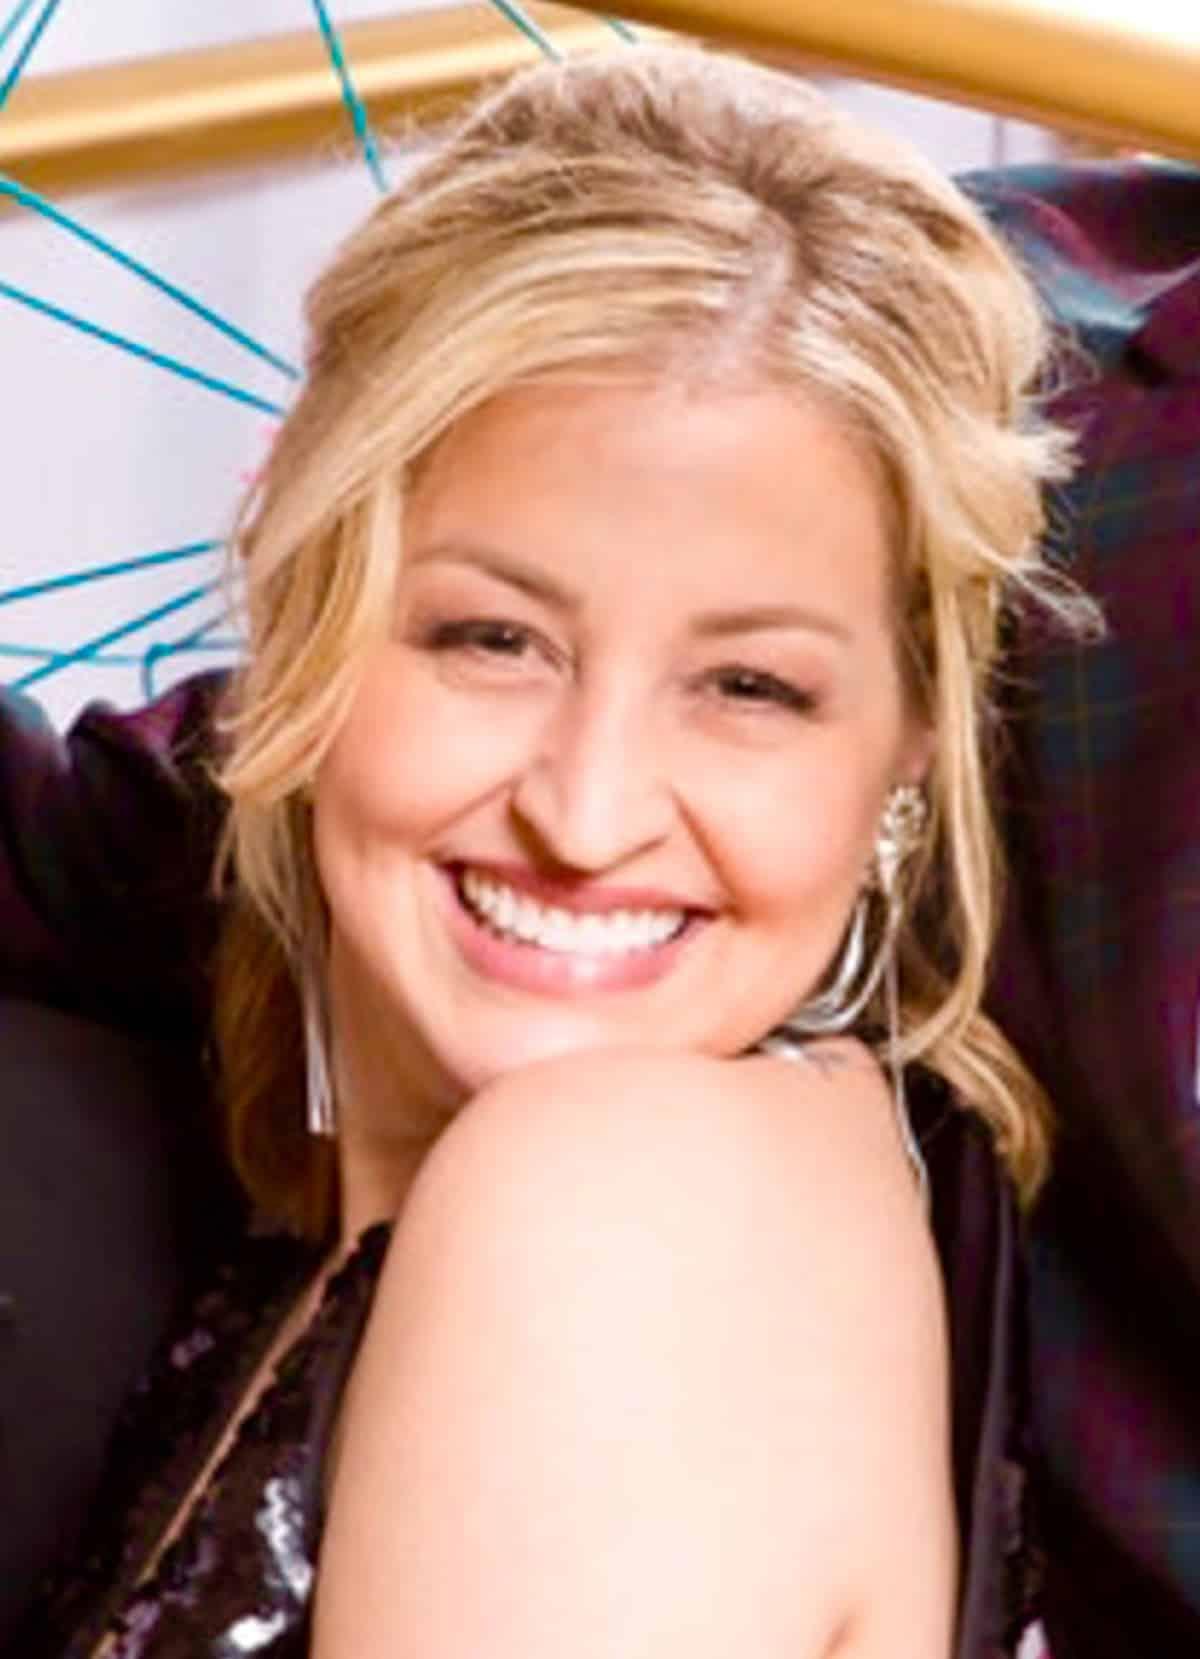 Leanne Raesener